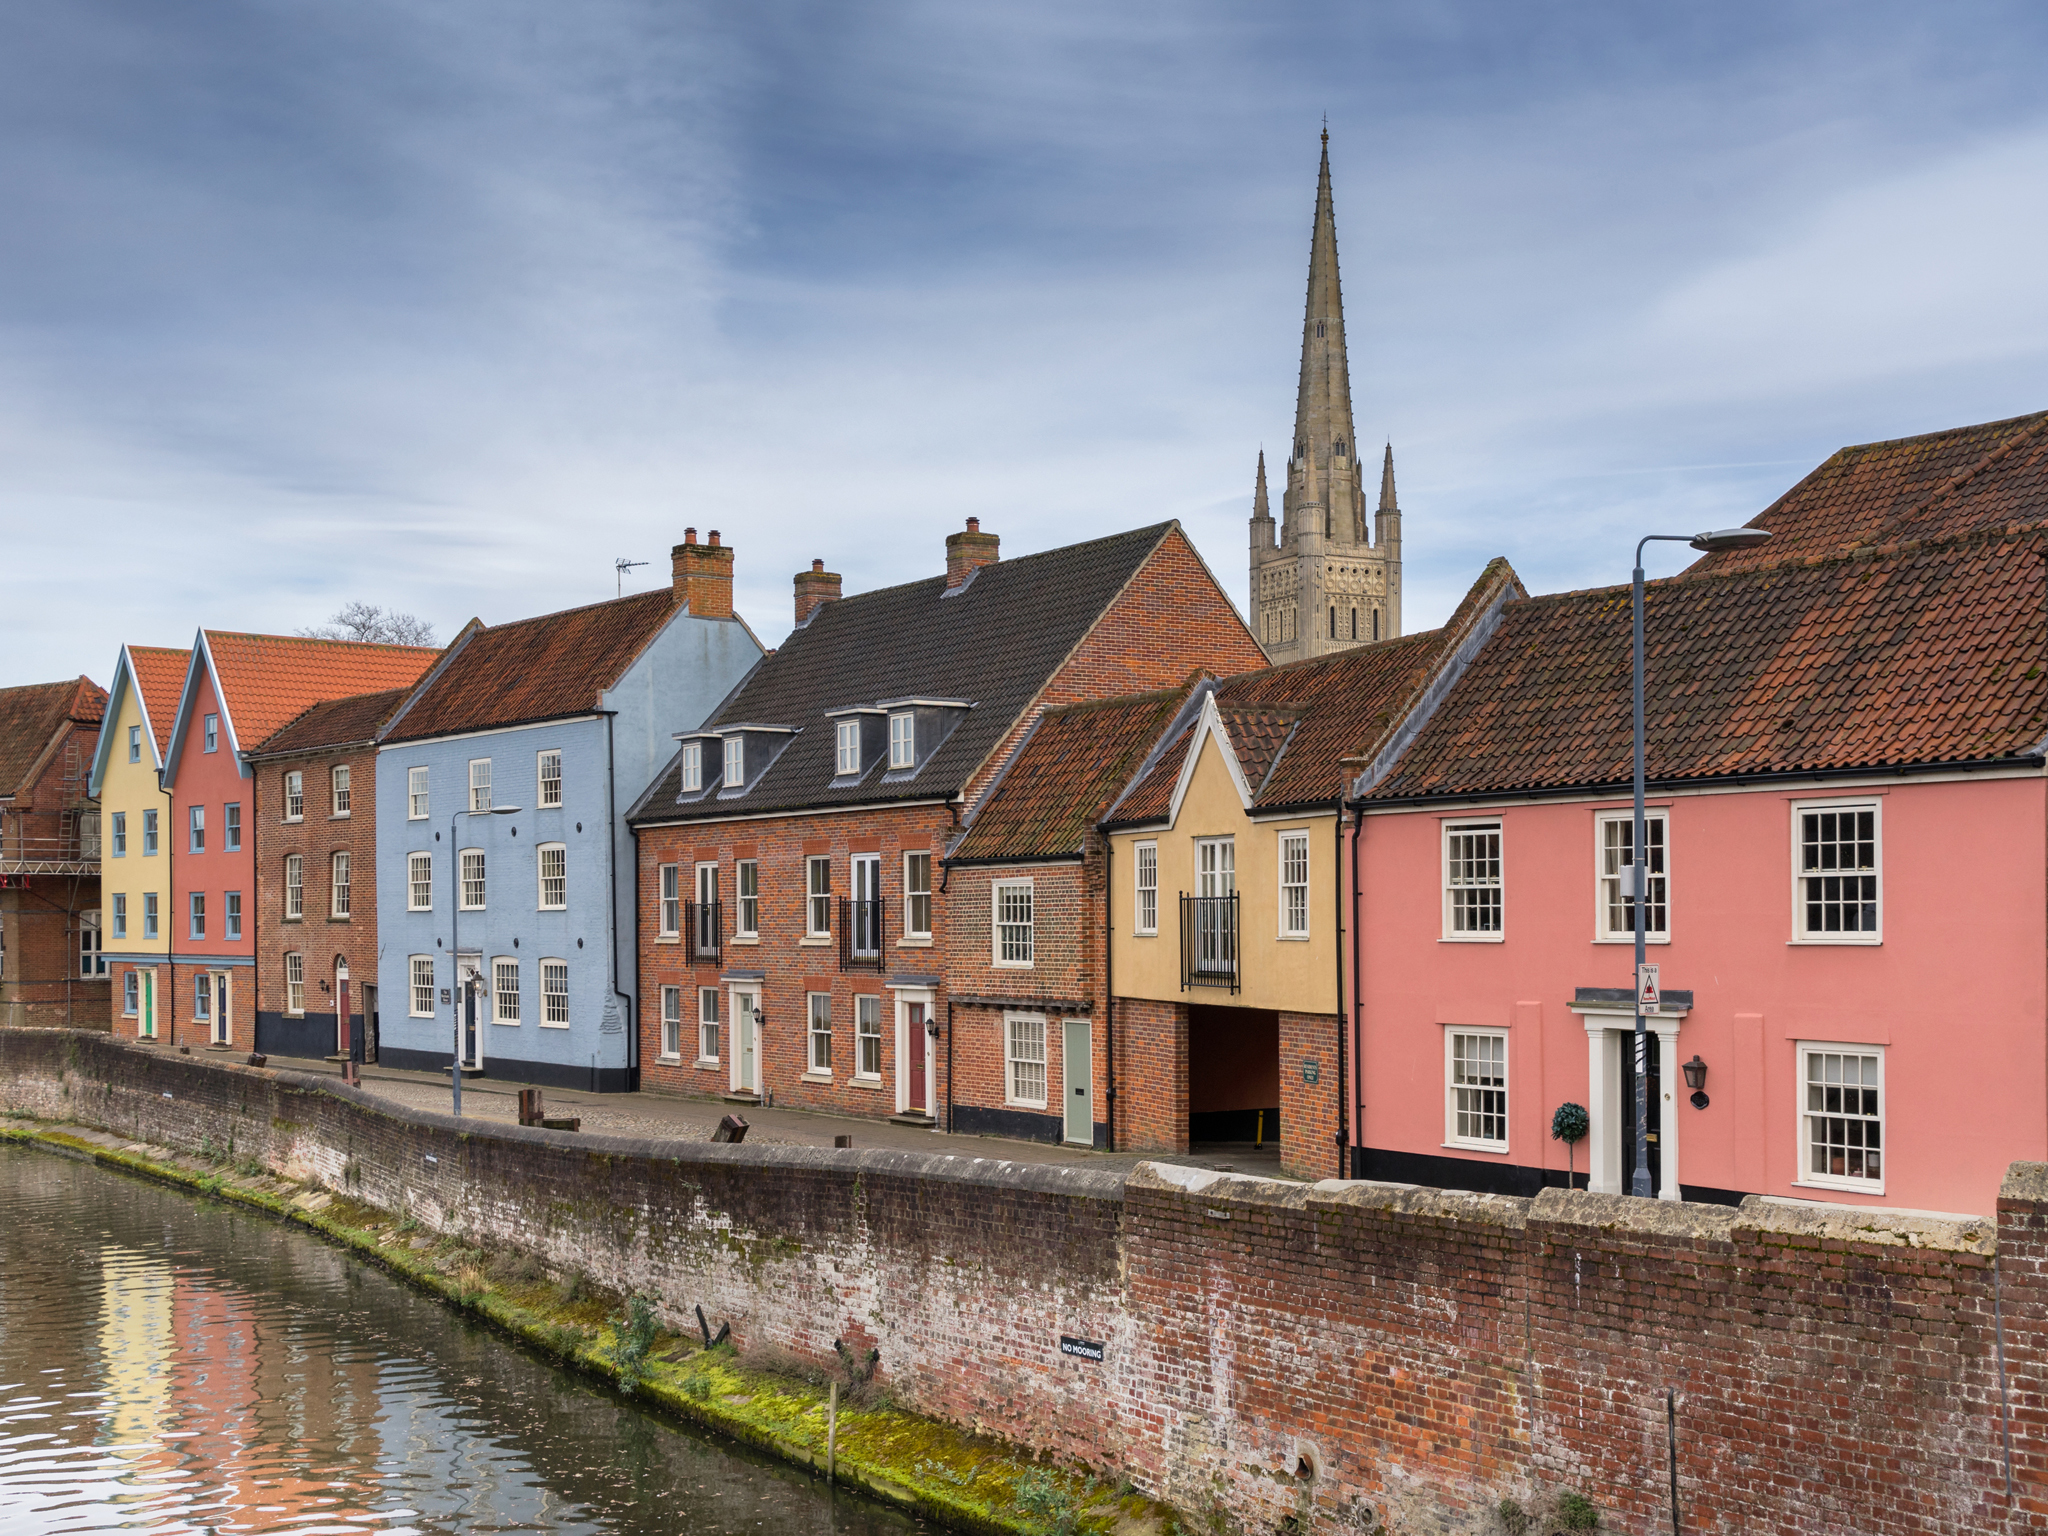 17 reasons to visit Norfolk, 17 reasons to visit Norfolk, church spires